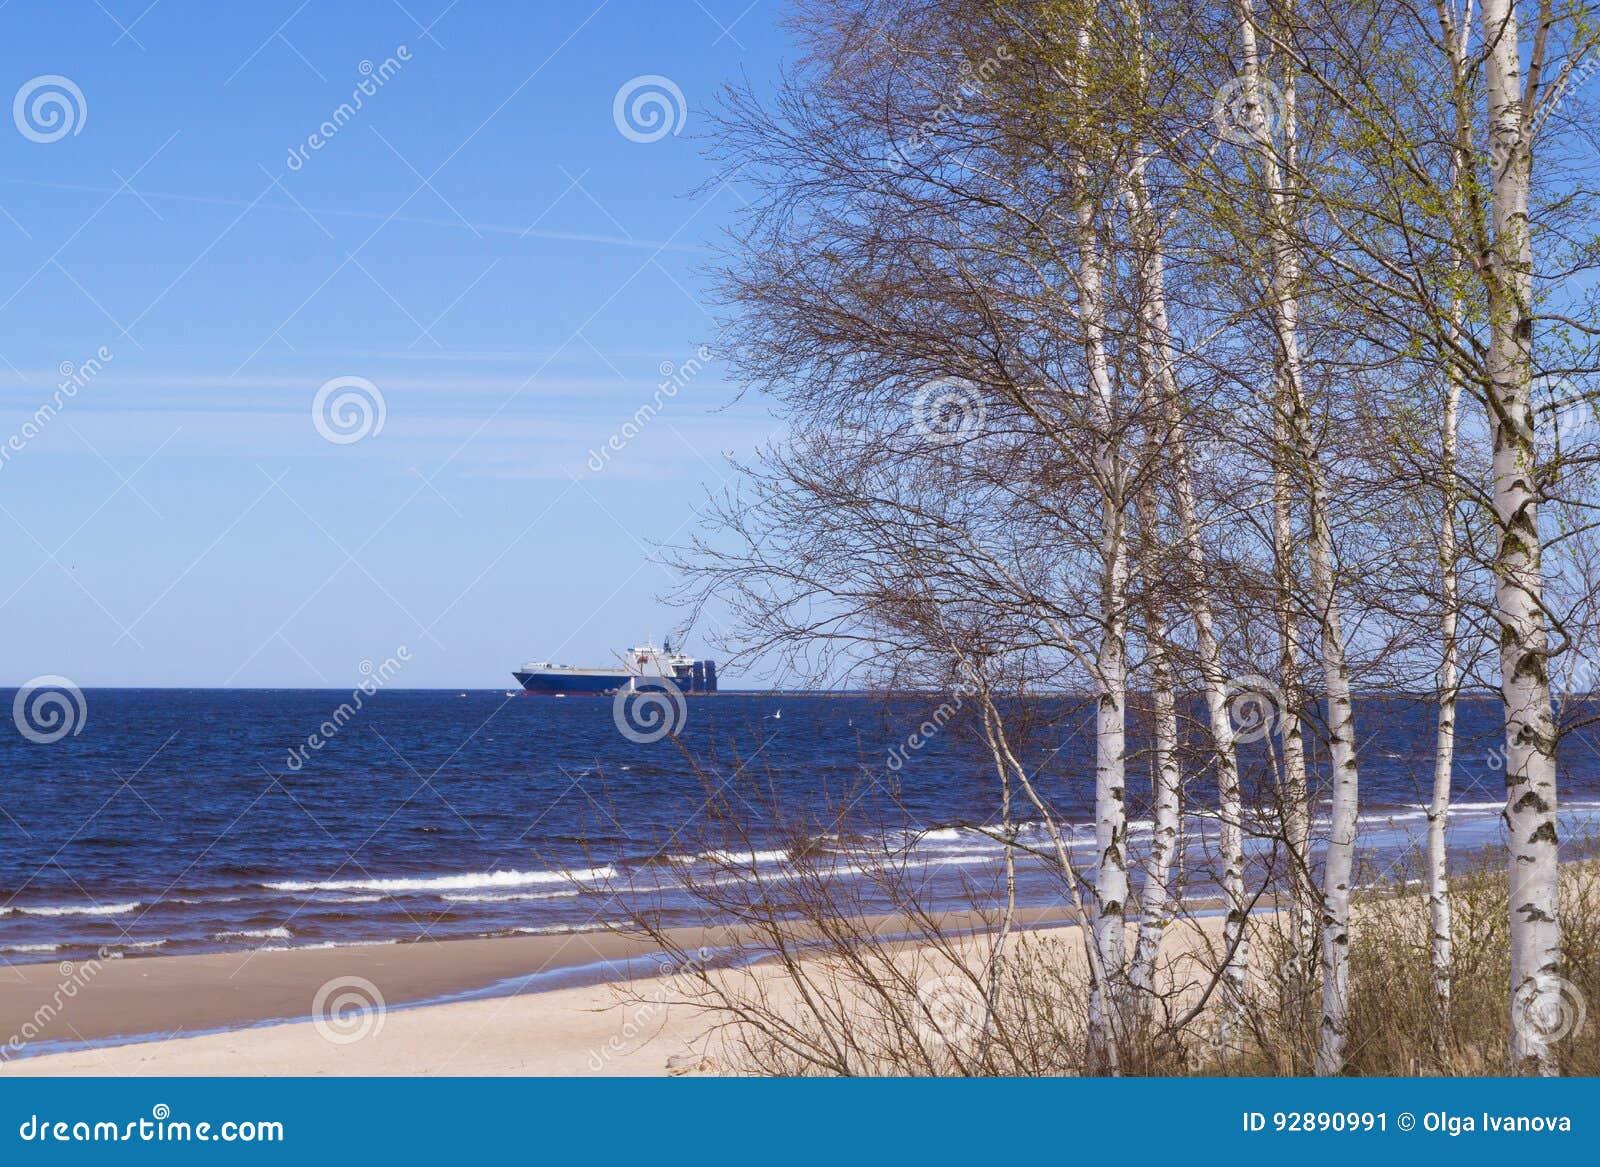 Door de zeekust